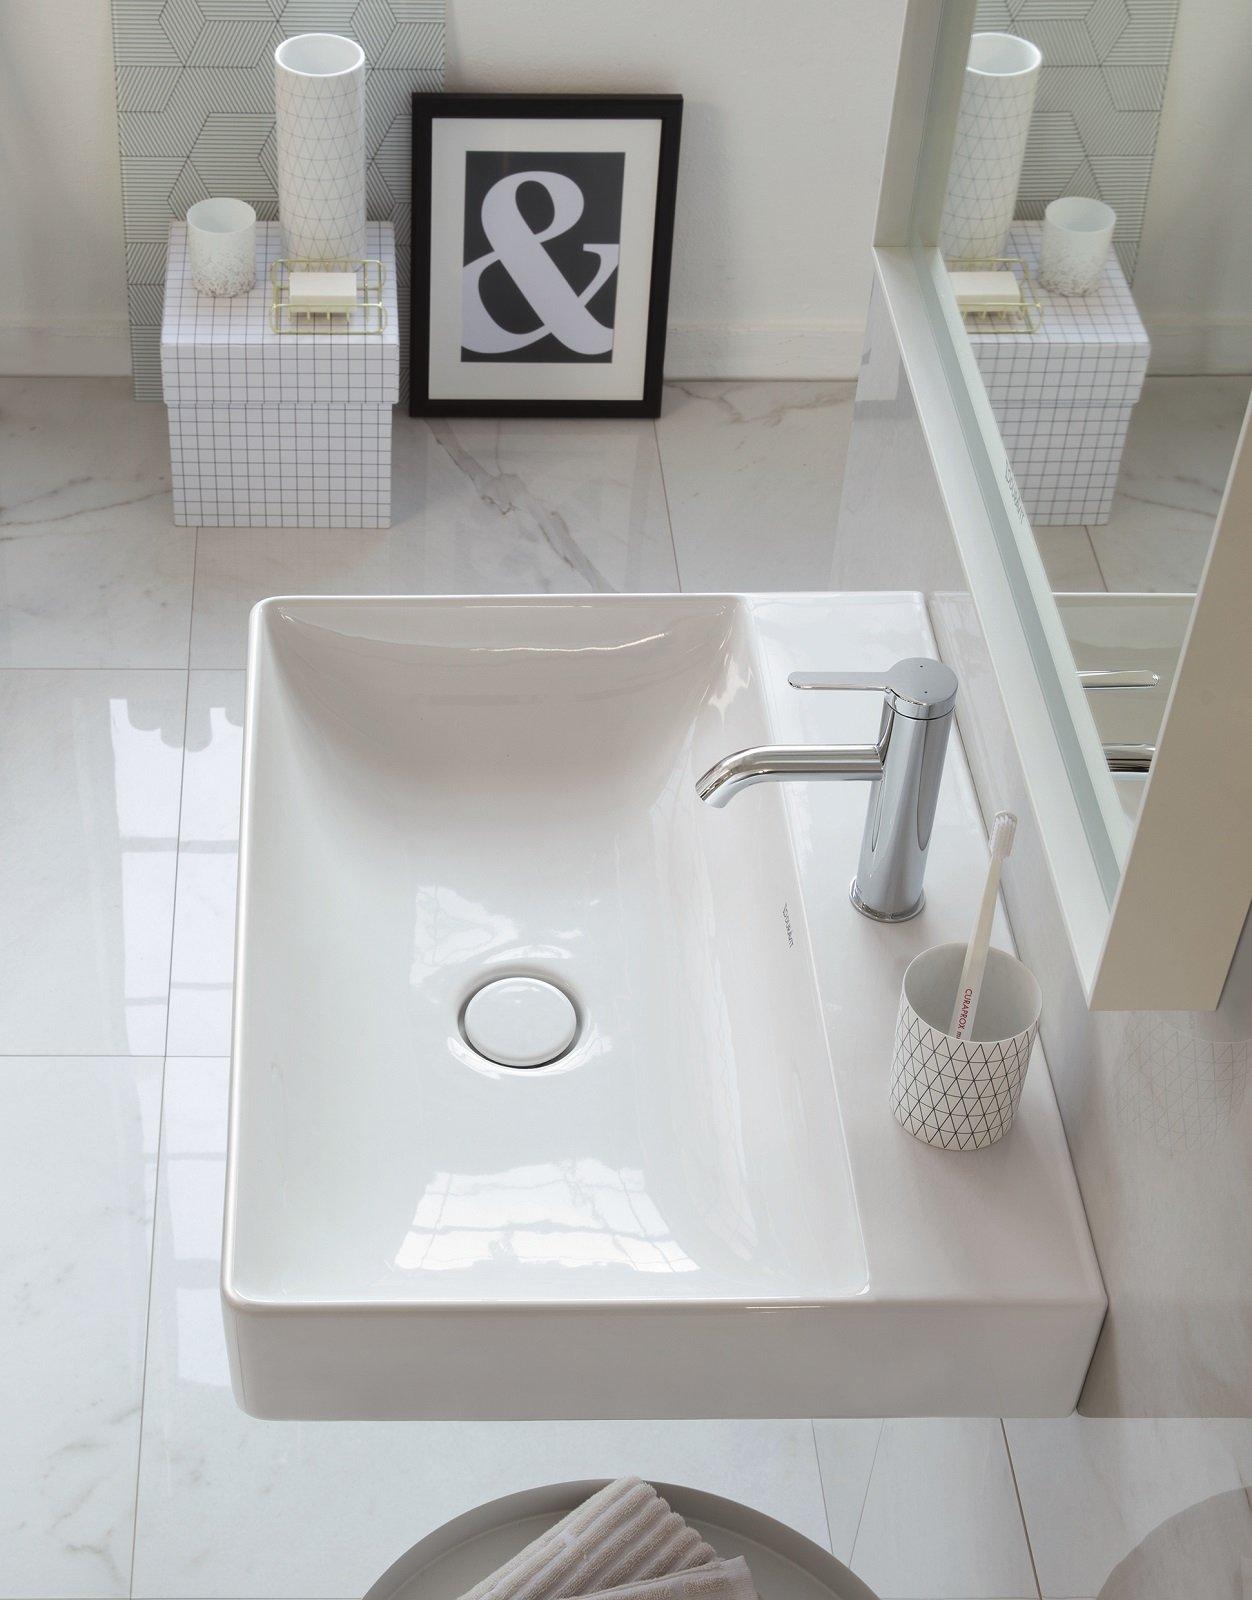 È Caratterizzato Da Bordi Sottili Lu0027elegante Lavabo Sospeso Curve Della  Collezione Connect Air Di Ideal Standard In Ceramica Bianca. Misura L 70 X  P 46 Cm.